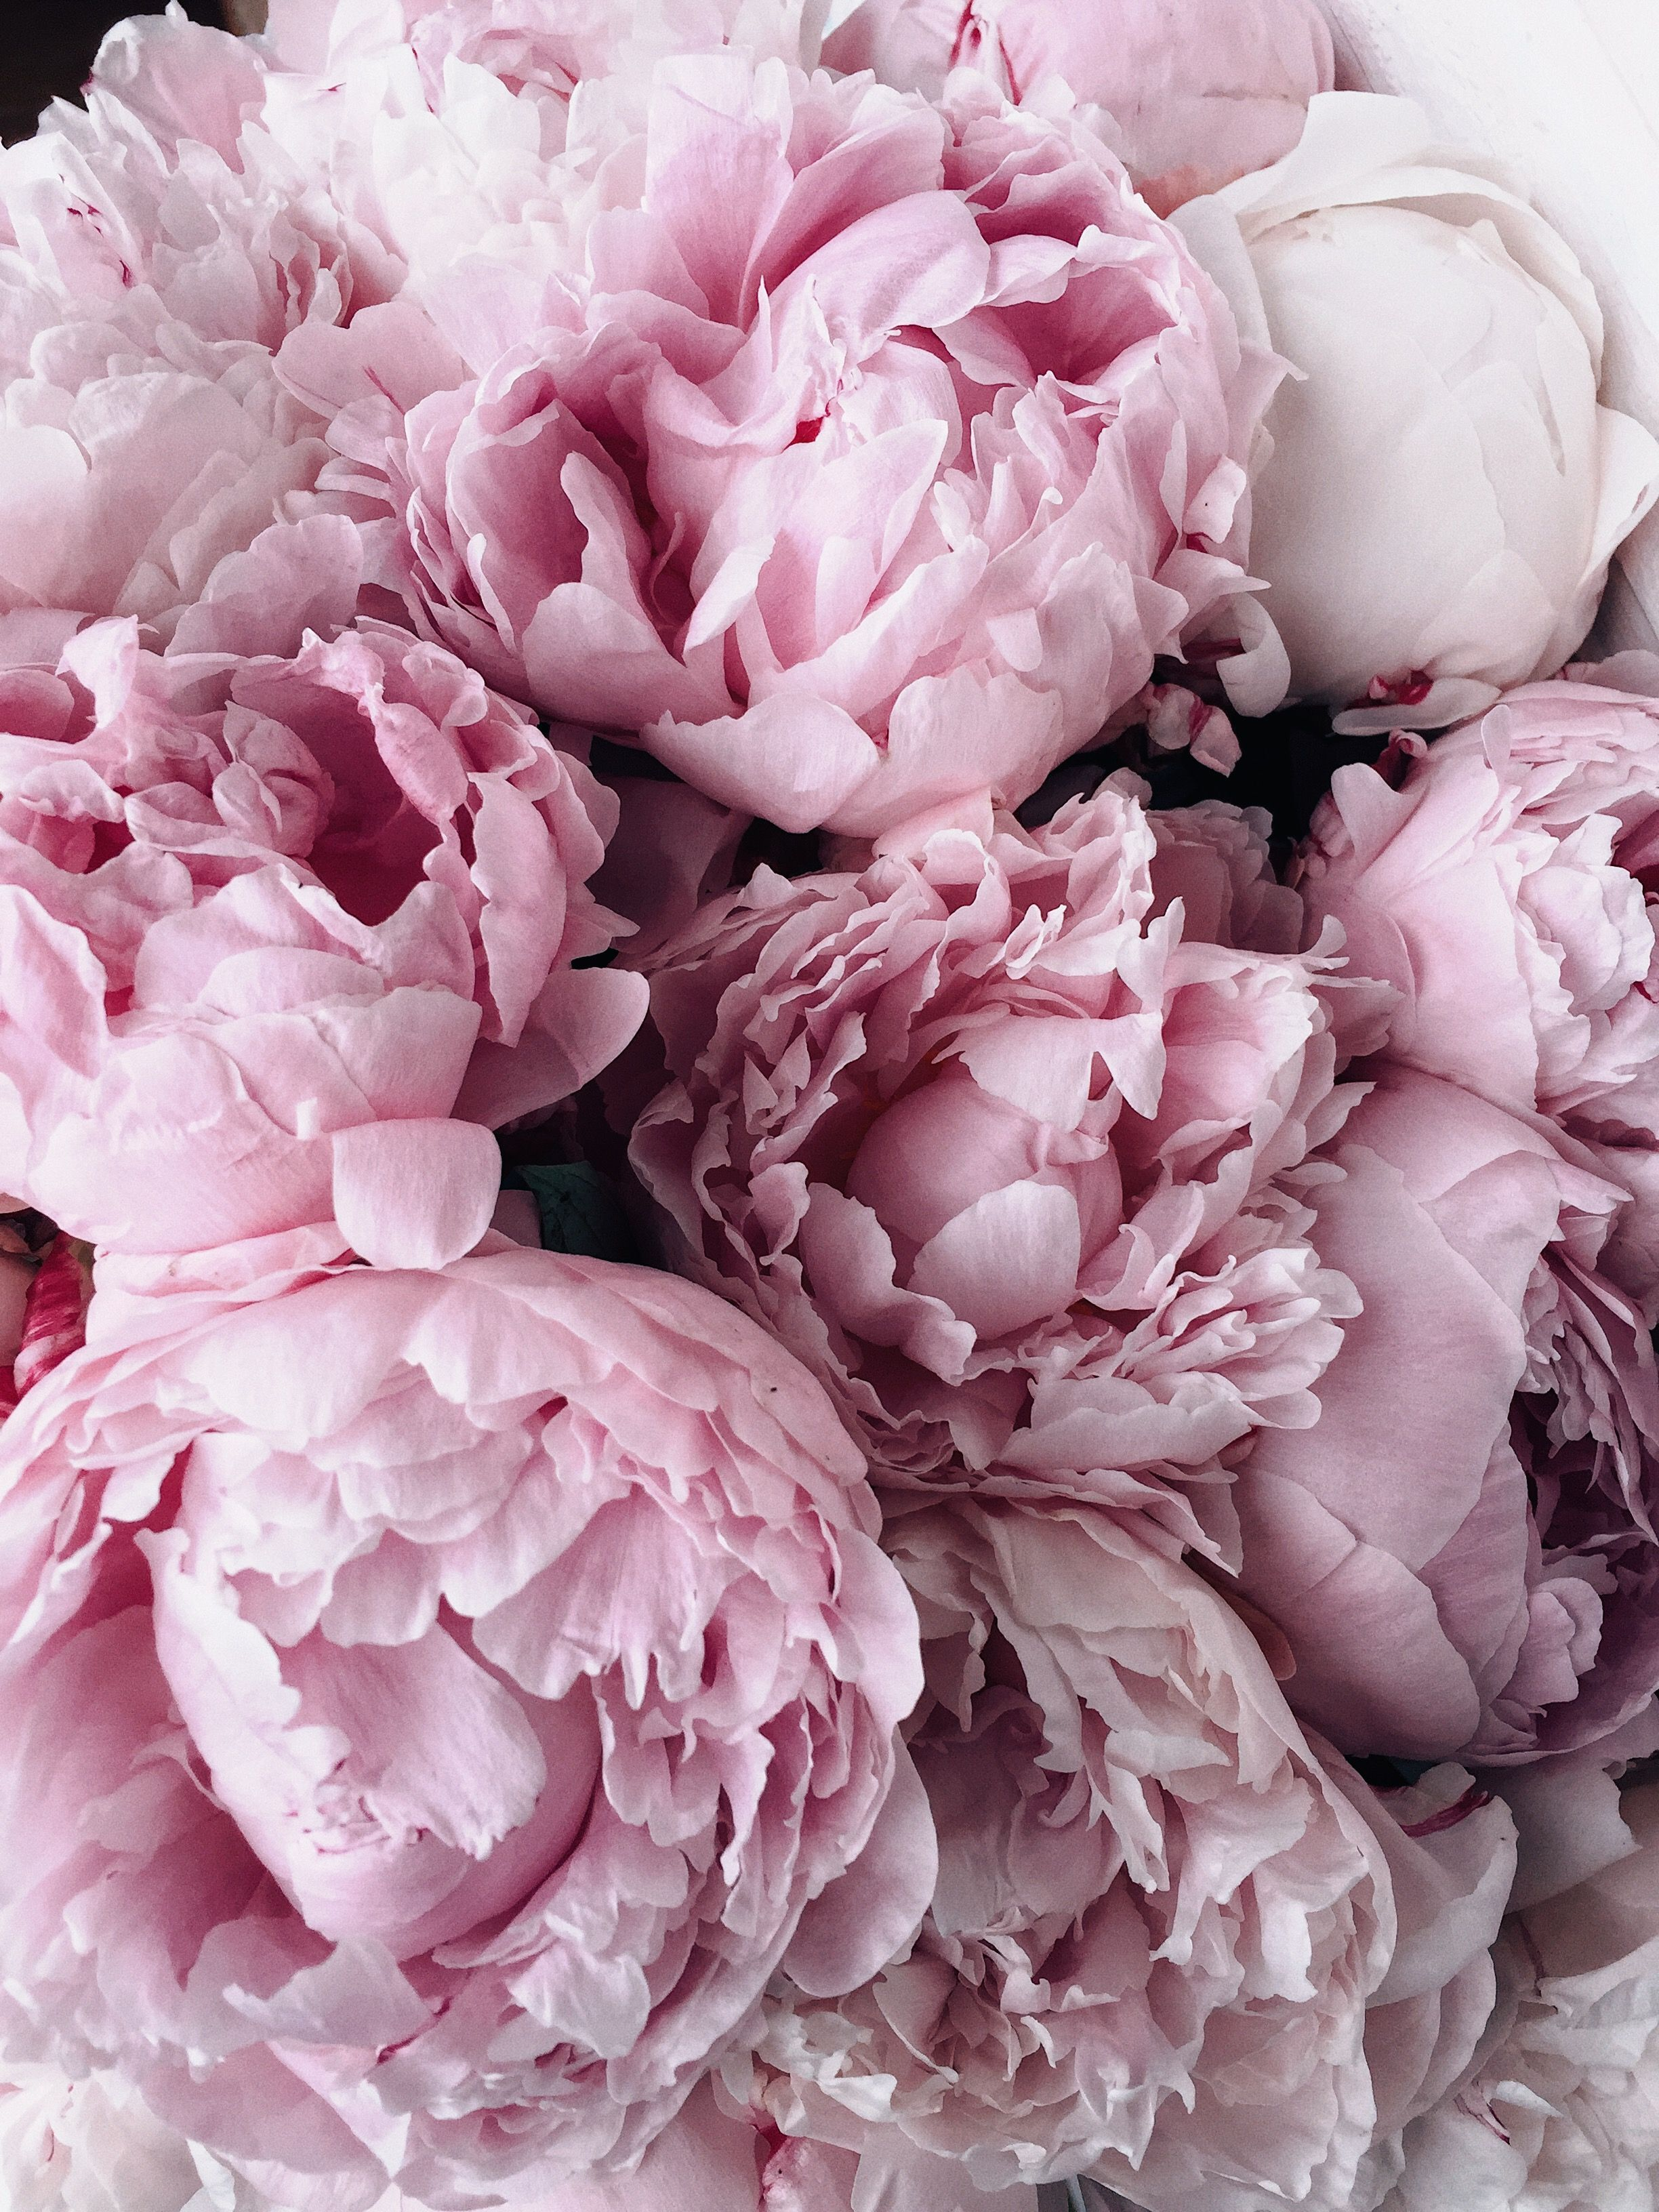 Not So Mousy Brown -  Not So Mousy Brown  - #brown #cactusflower #flowersgarden #mousy #pansies #peonies #pinkroses #tulip